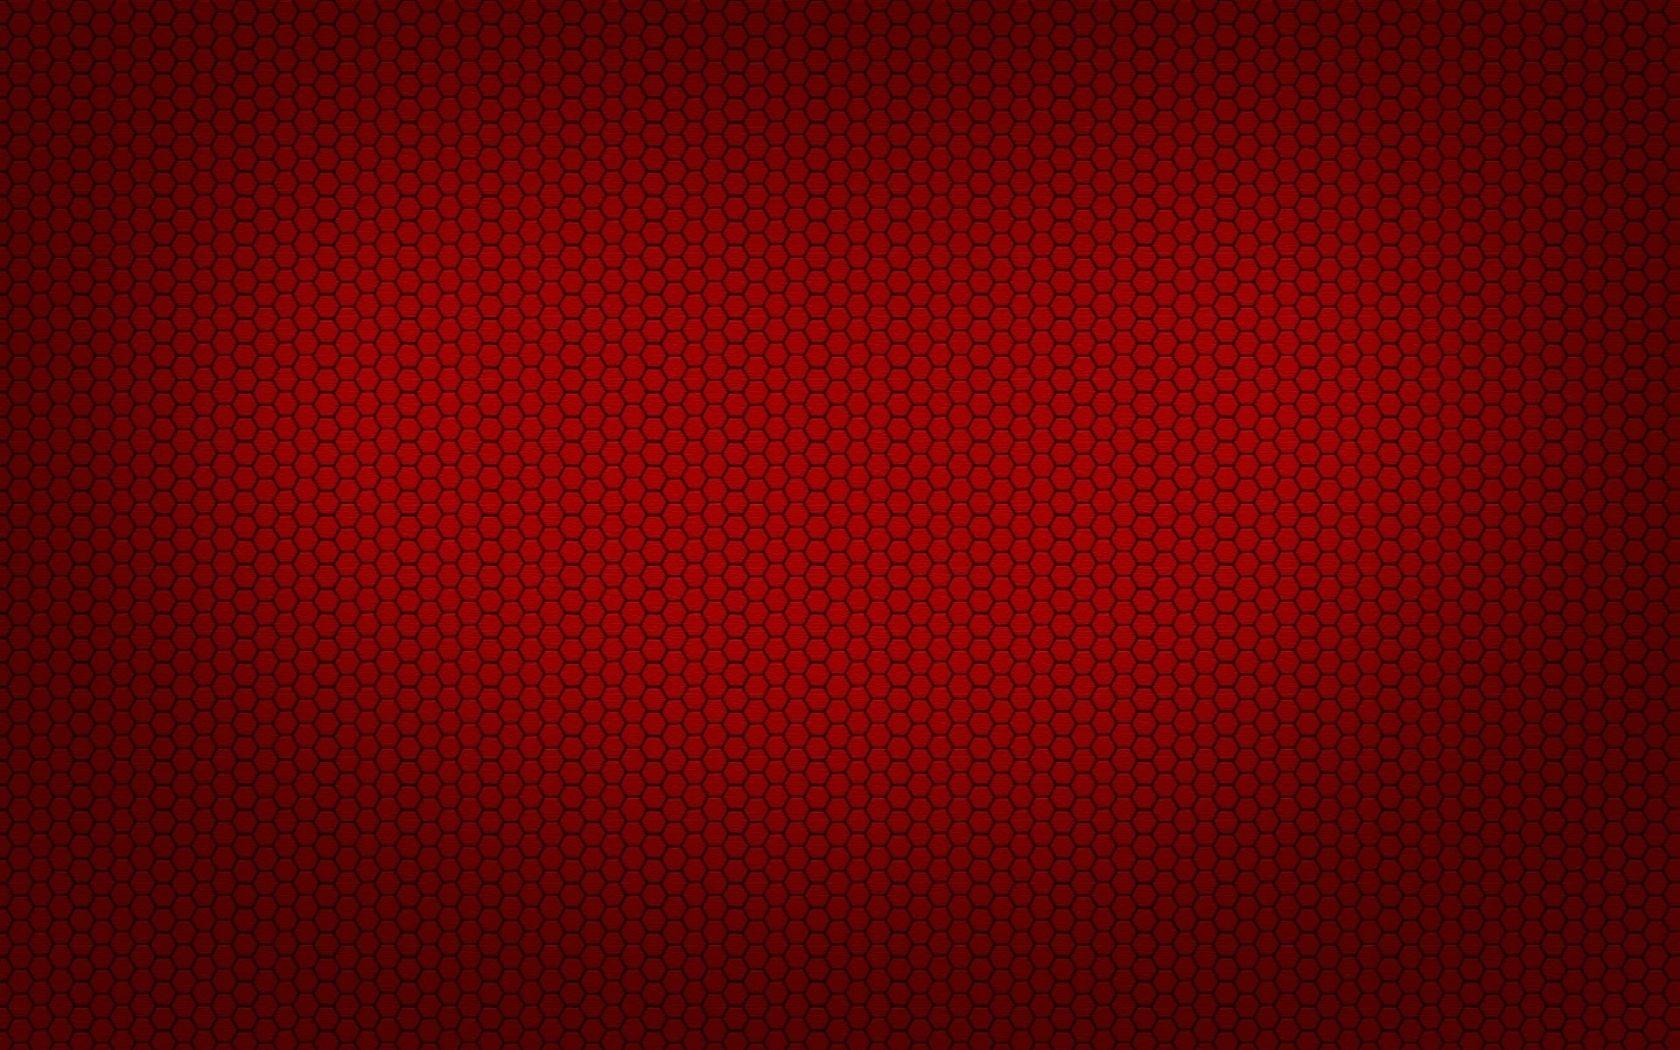 Wallpaper Textura Roja Wallpapers Organizados Por Temas